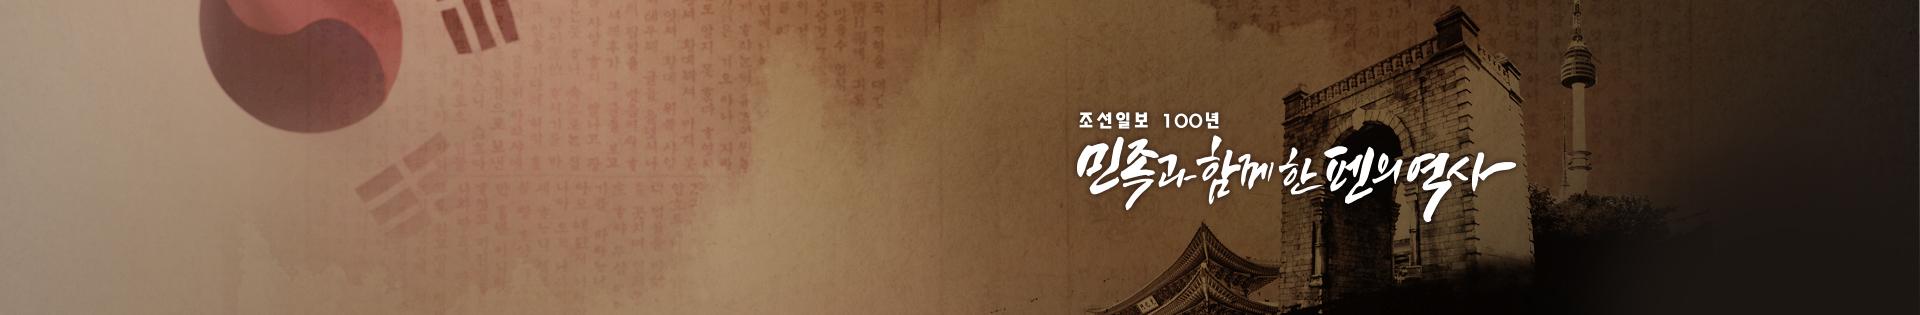 조선일보 100년 민족과 함께 한 펜의 역사   프로그램 이미지